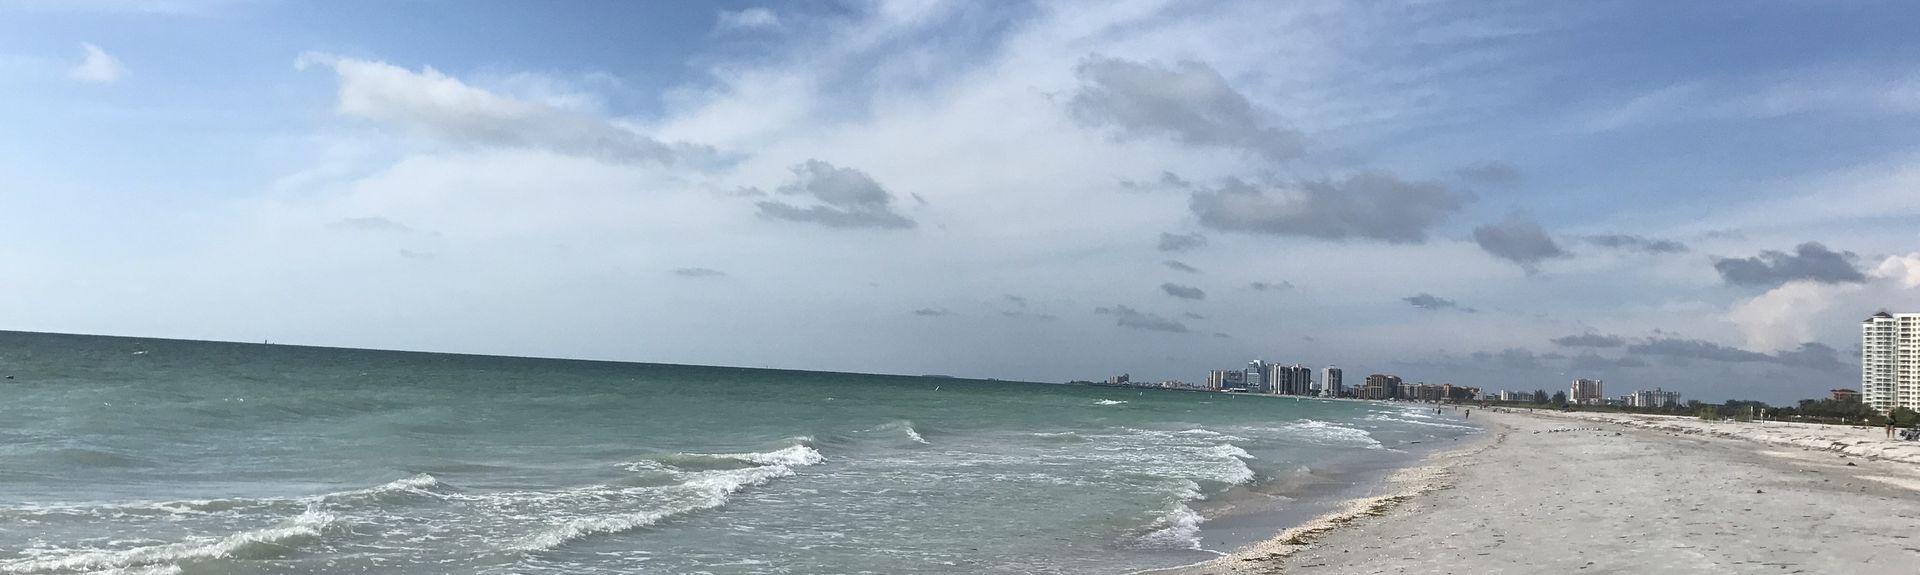 Palm Harbor, Floride, États-Unis d'Amérique